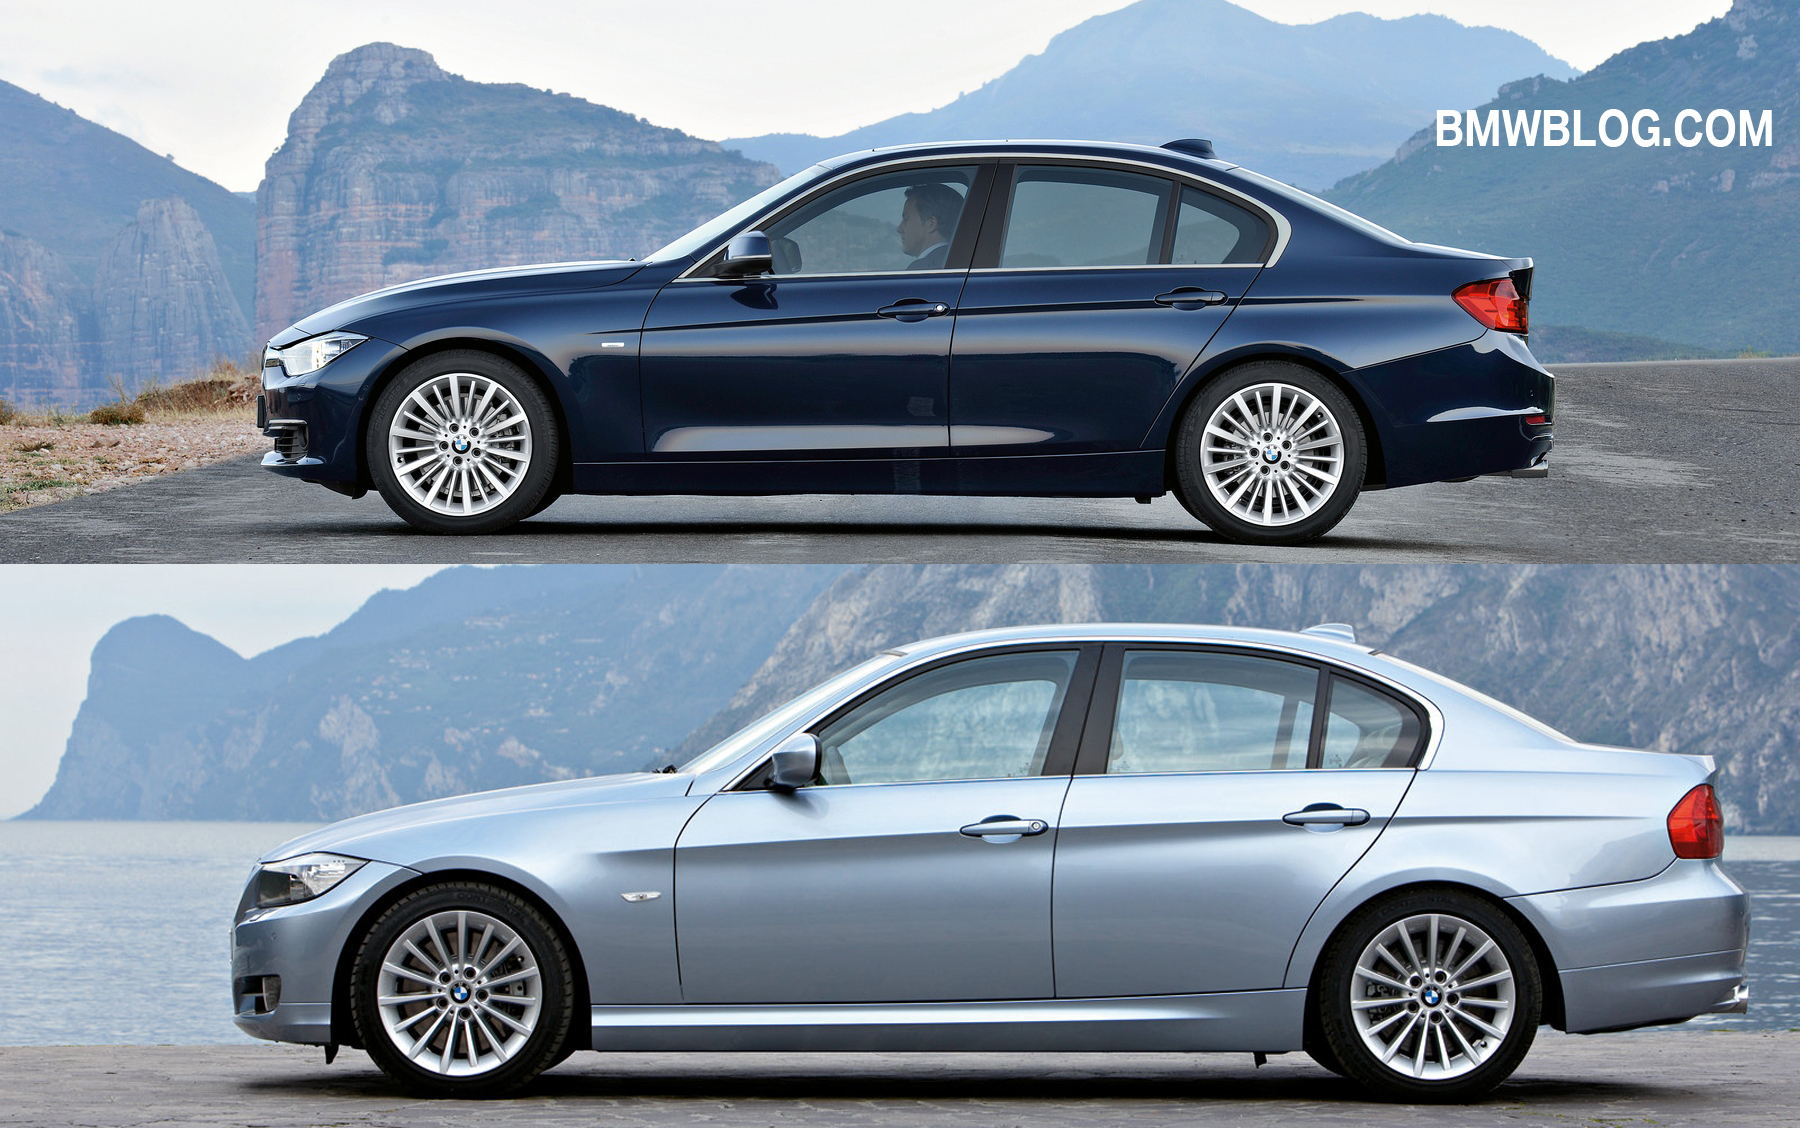 Comparatie Foto Bmw Seria 3 F30 Vs Seria 3 E90 Bmwblog